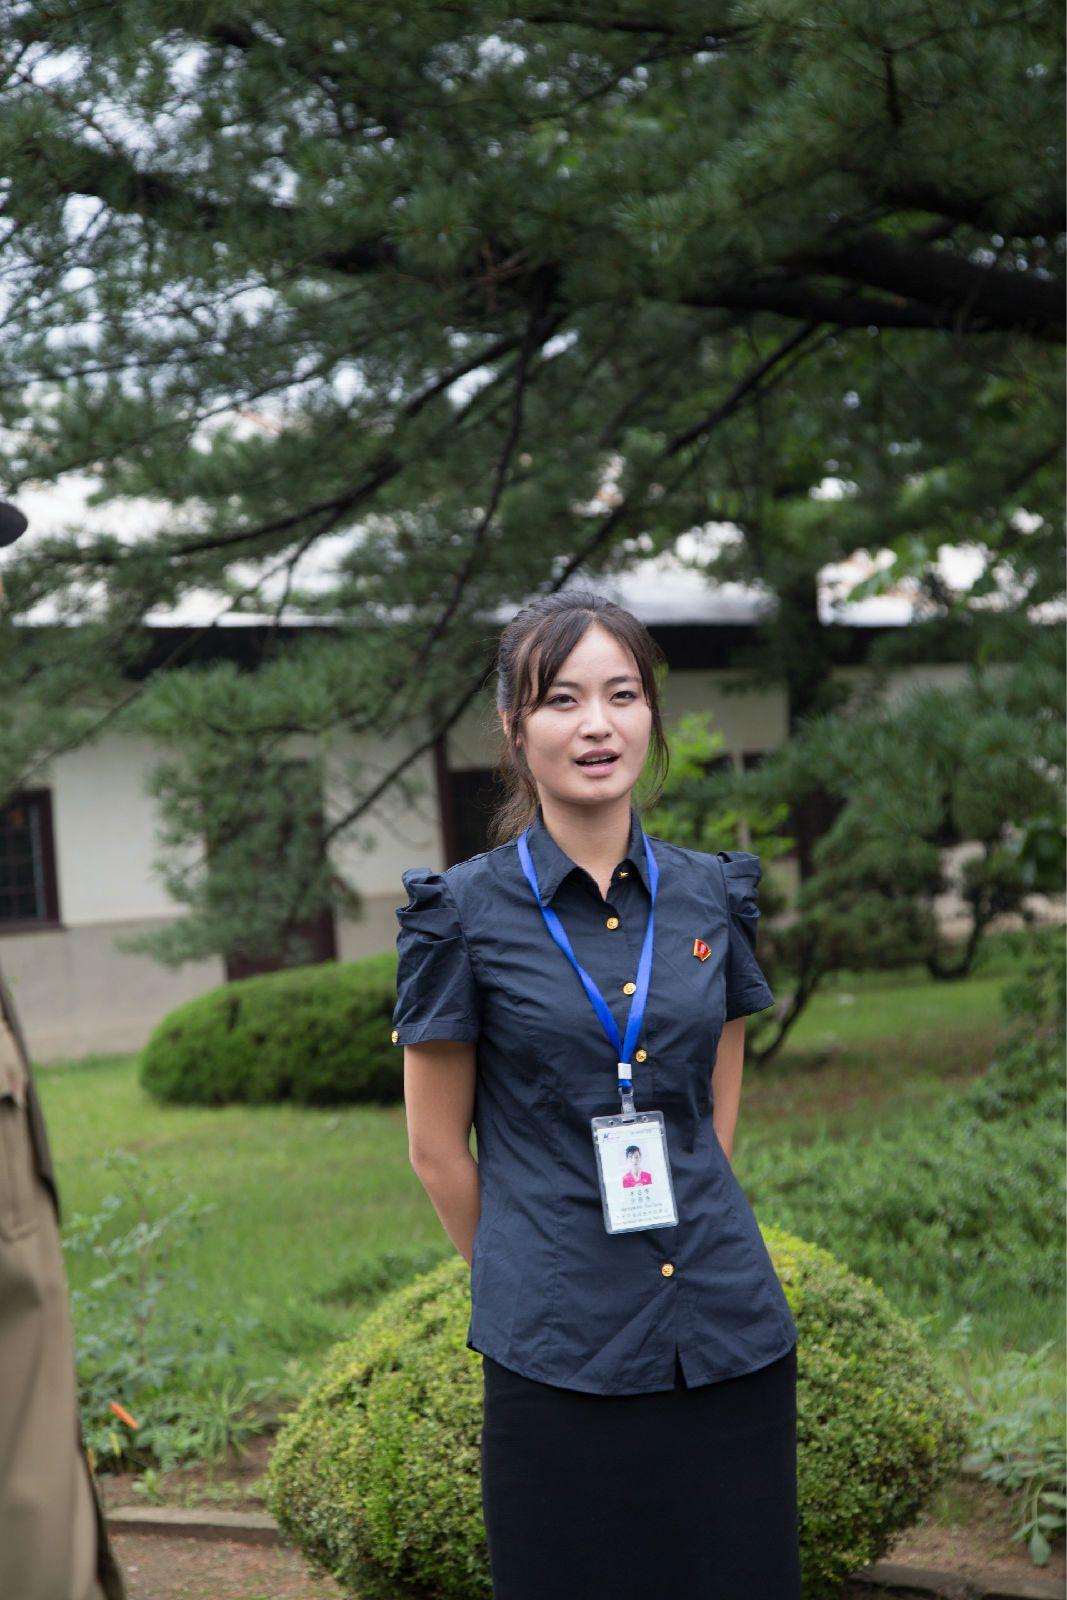 朝鲜酒店服务员:不但颜值很高,而且很多都是高材生